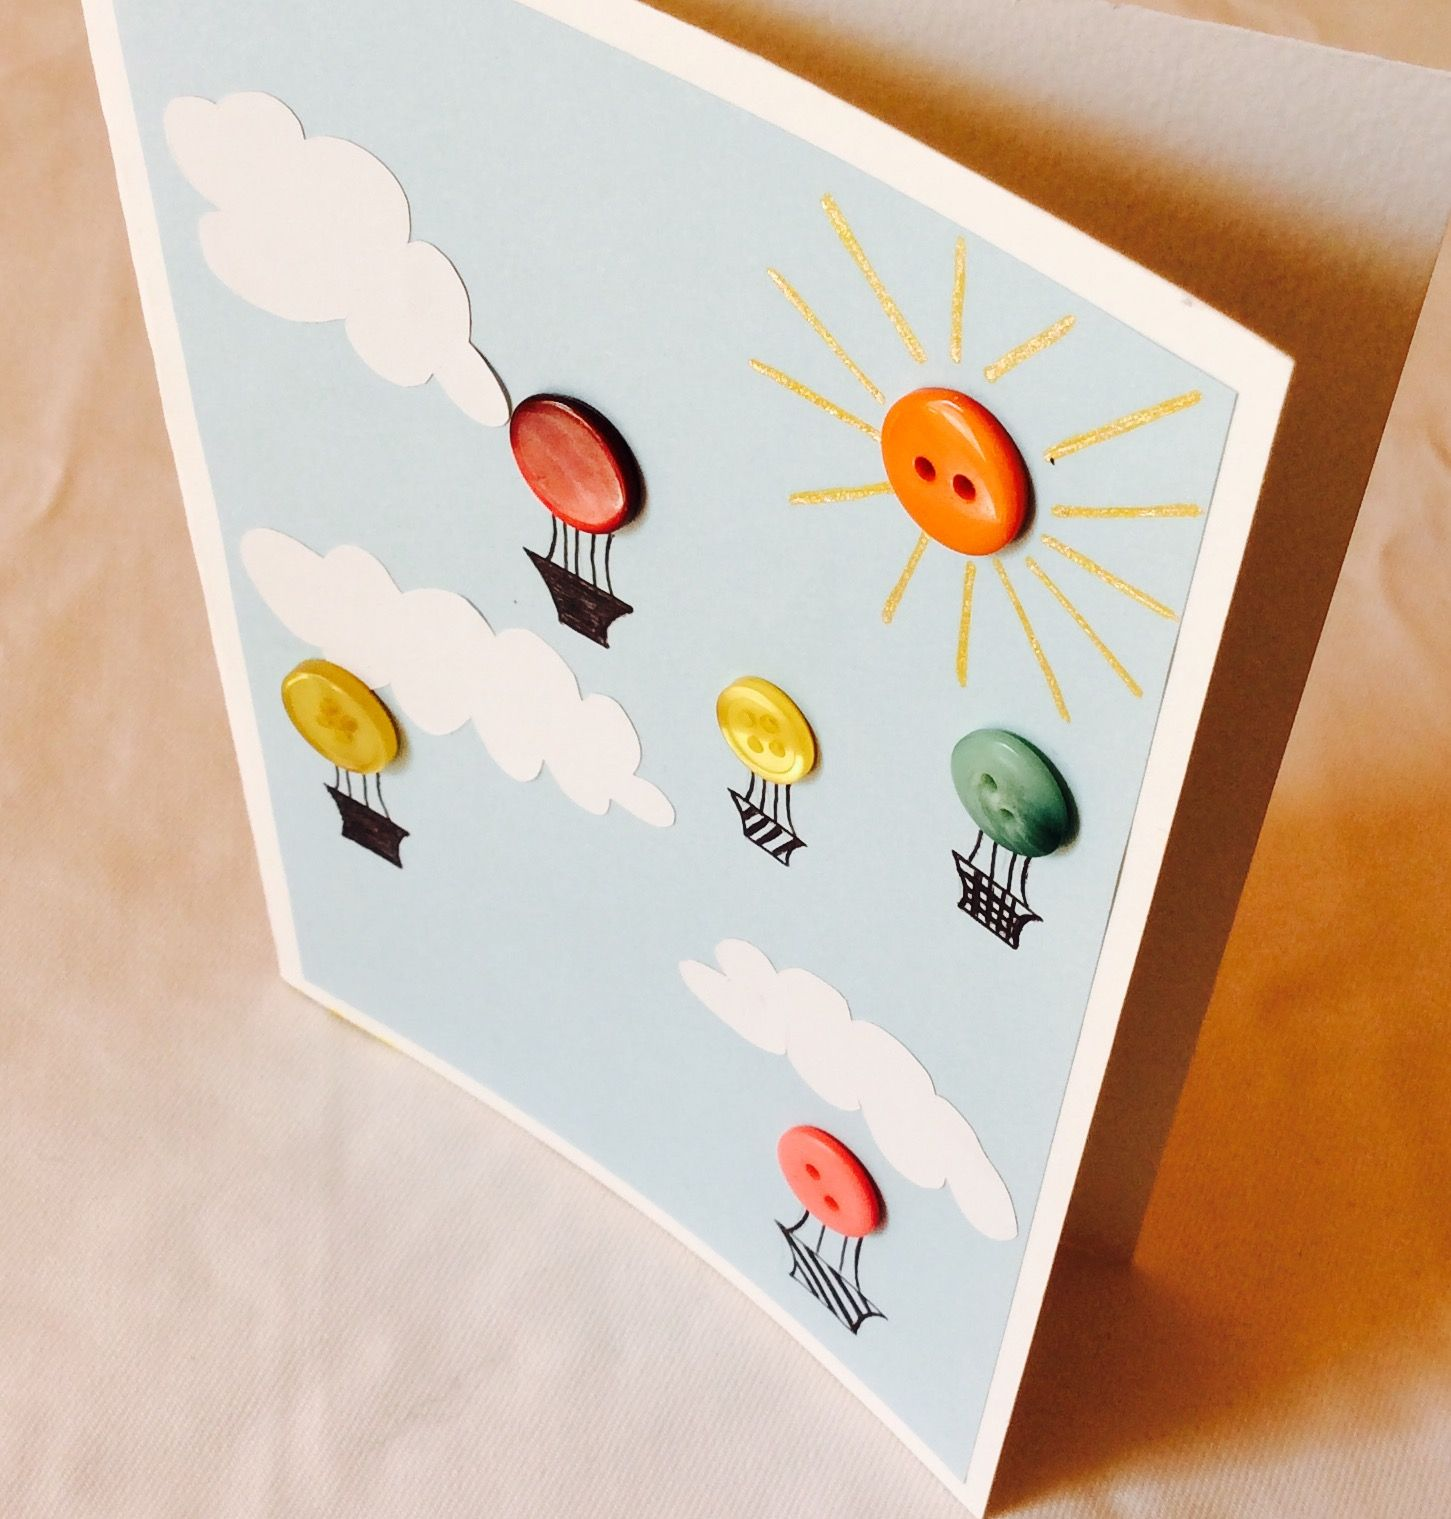 Very easy card handmade cards pinterest easy cards